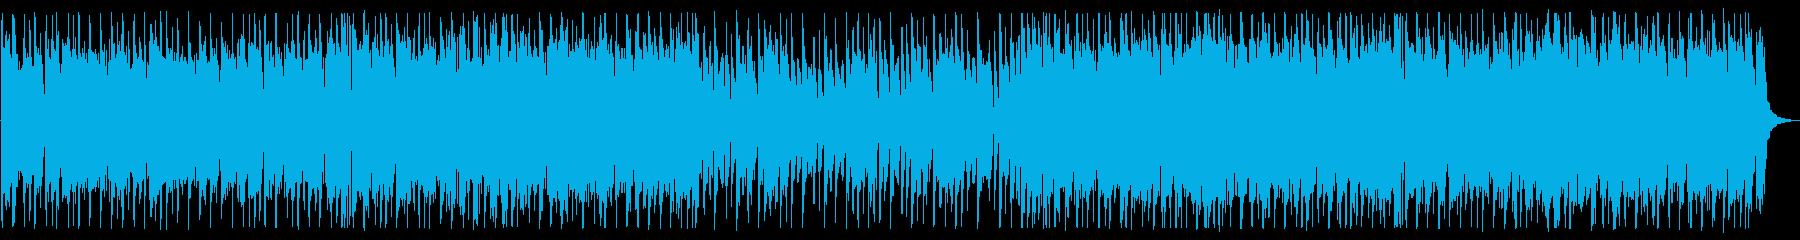 ギター/インディーロック_No454_2の再生済みの波形